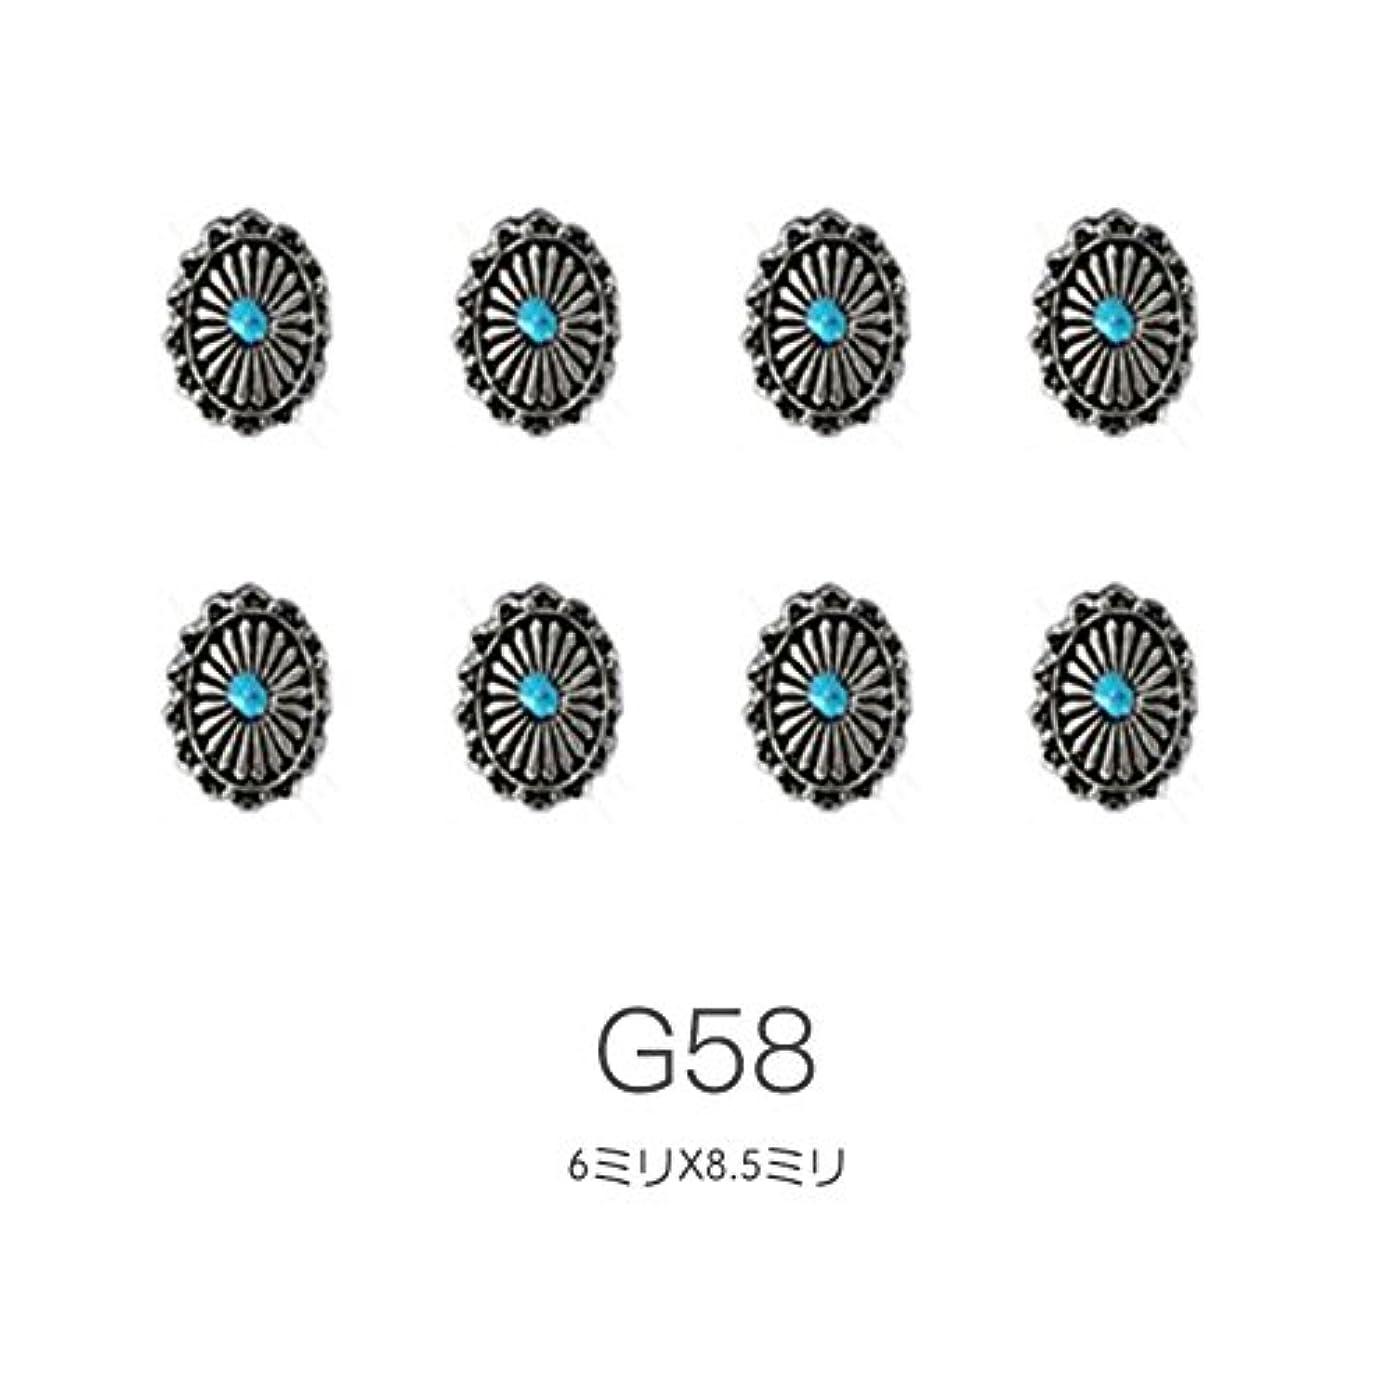 リスナー接続詞タイヤG58(6ミリ×8.5ミリ) シルバー 8個入り メタルパーツ コンチョ ターコイズ風 ゴールド シルバー ネイルパーツ スタッズ ネイル用品 GOLD SILVER アートパーツ アートパーツ デコ素材